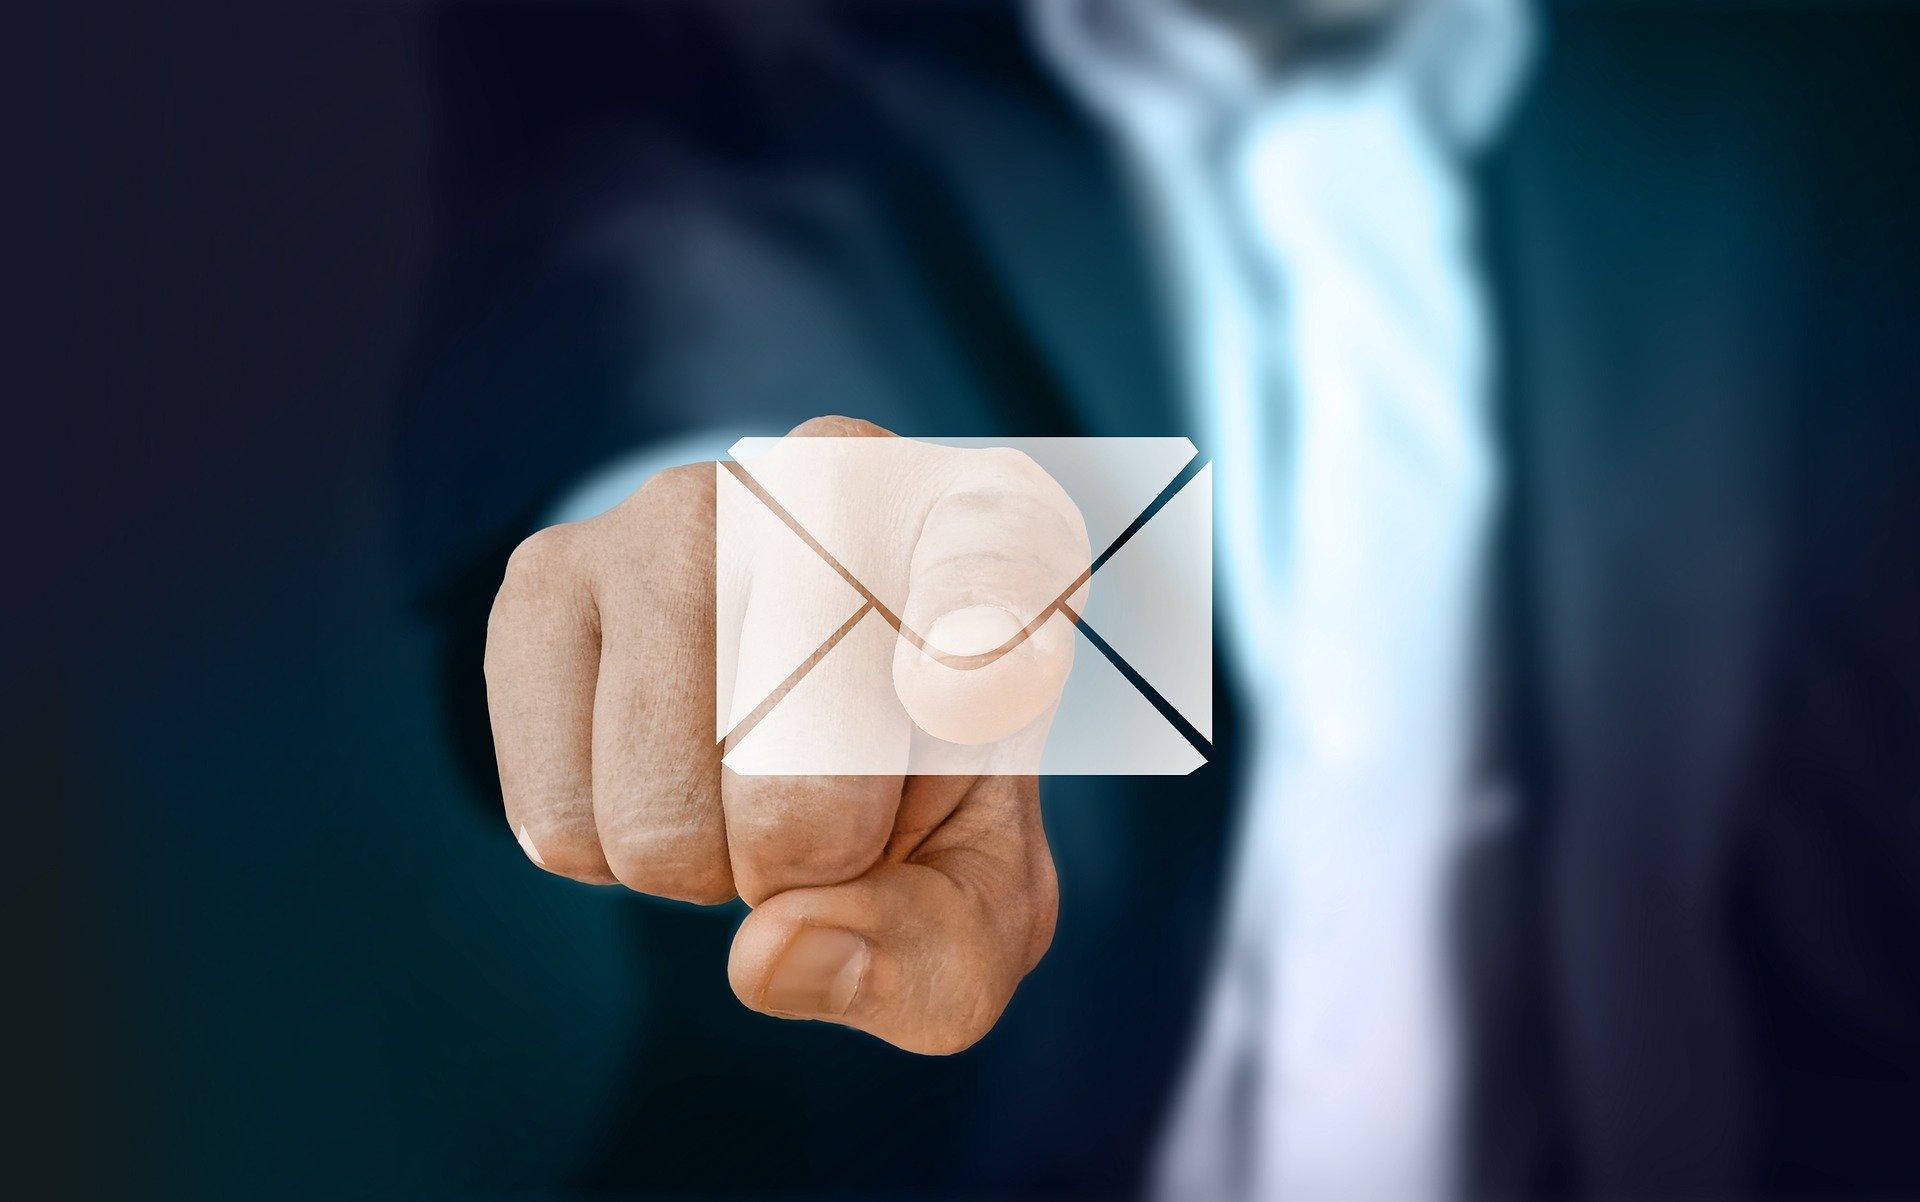 Generieren Sie mit unserem E-Mail-Atelier maximale Aufmerksamkeit für Ihre Botschaft